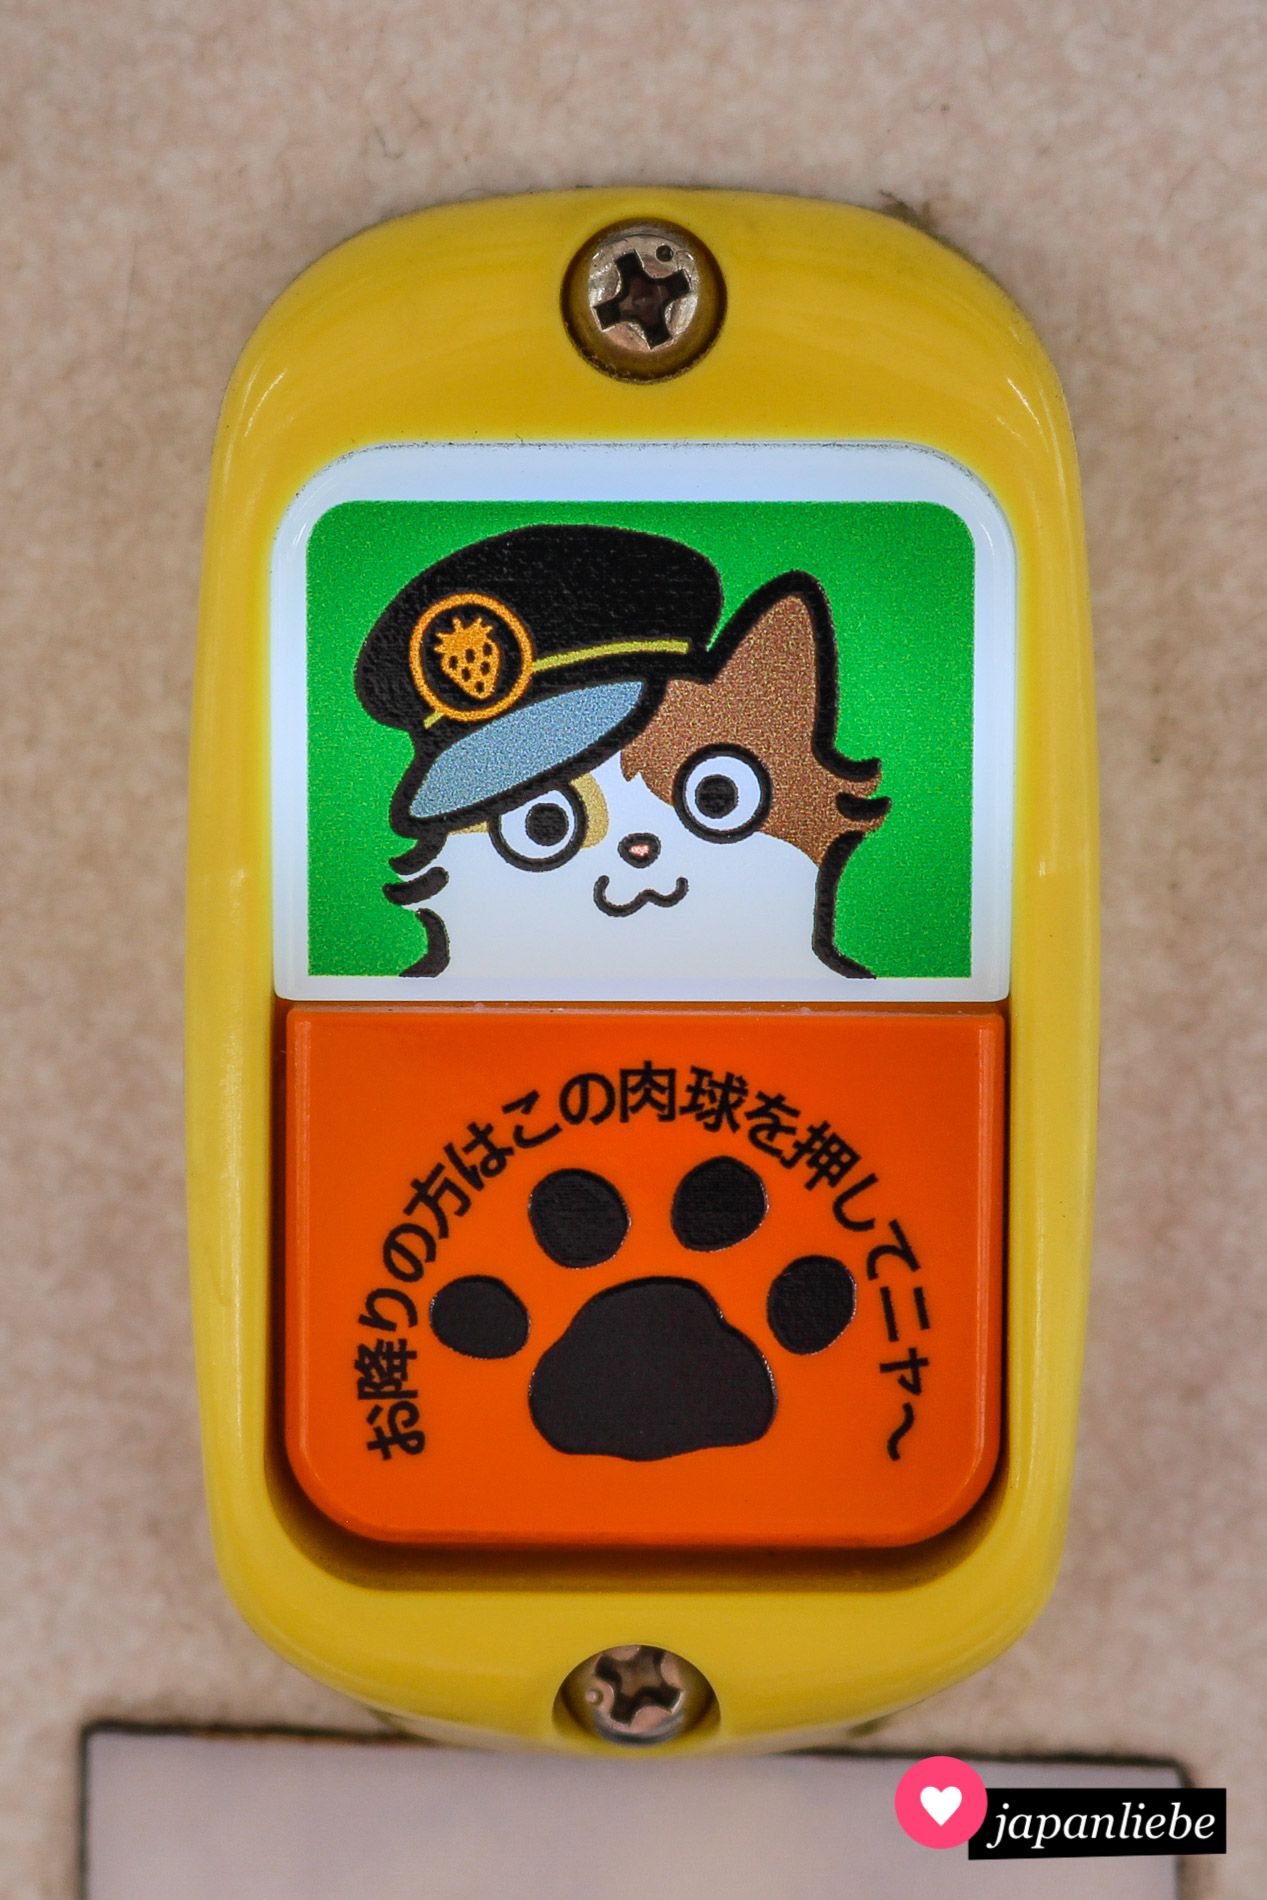 Natürlich ist auch der Haltknopf der Tram im passenden Katzen-Design.